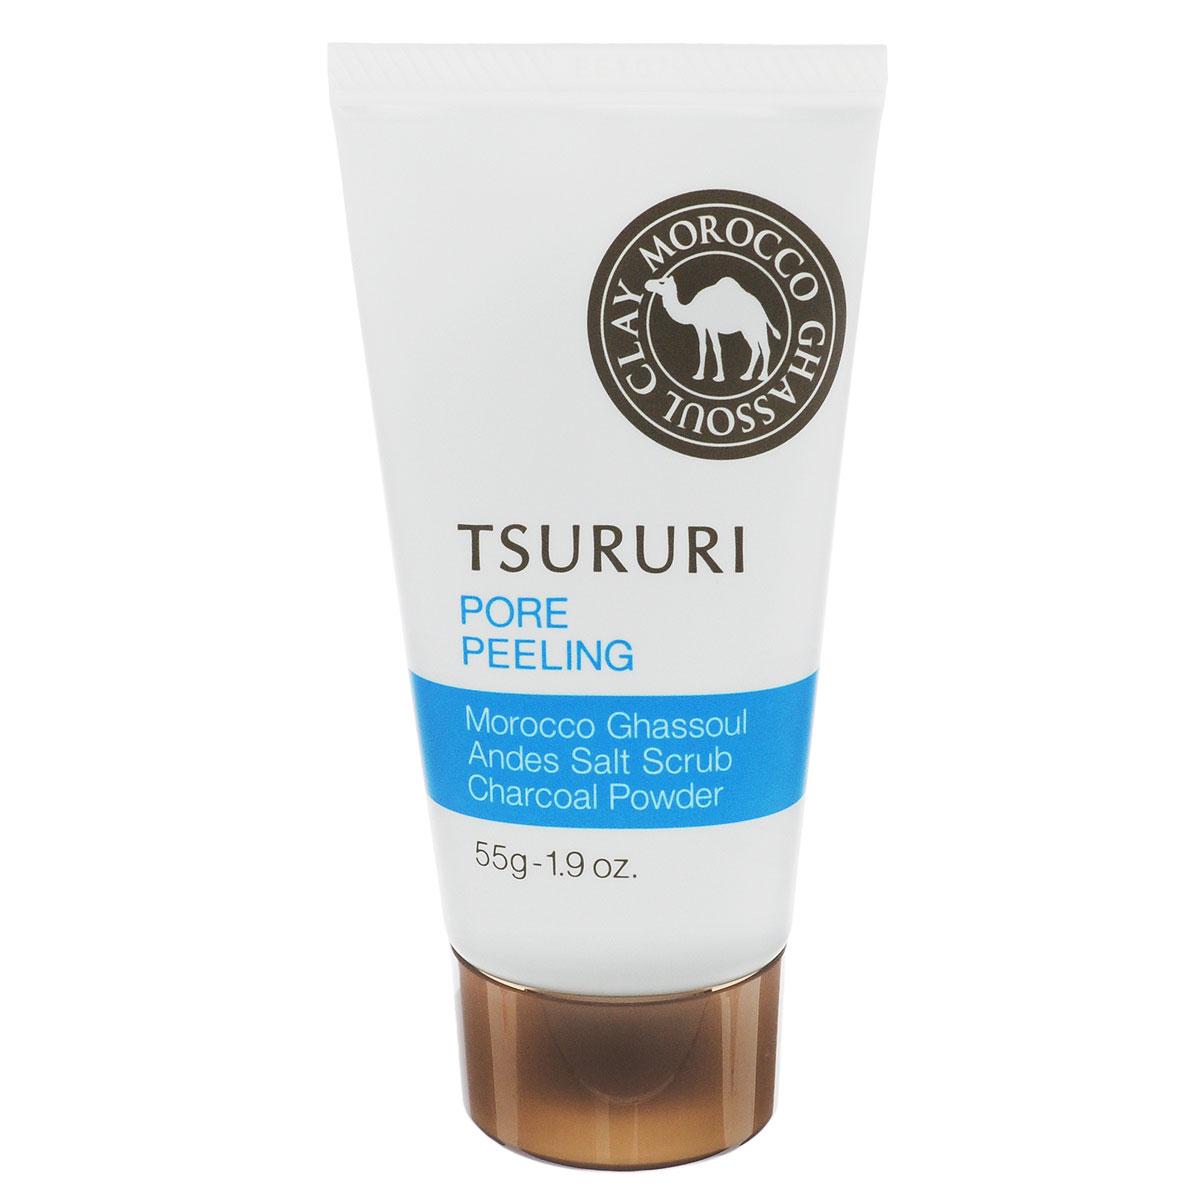 BCL Пилинг для лица Tsururi, очищающий поры, 55 г046455В порах кожи скапливаются загрязнения, продукты выделения сальных желез и остатки косметических средств (пудры, тонального крема). Активные компоненты пилинг-геля, глубоко проникая в поры кожи, абсорбируют и удаляют загрязнения, которые, как известно, часто становятся причиной появления черных точек и расширенных пор. Мельчайшие частицы пилинга скатывают загрязнения, способствуя их быстрому и эффективному удалению из пор. Пилинг глубоко очищает, разглаживает, смягчает кожу, выравнивает ее цвет. Активные компоненты: - Марокканская глина Гассуль - природный очищающий компонент; - гранулы активированного древесного угля обладают абсорбирующими свойствами; - частицы каменной соли отшелушивают ороговевшие участки кожи; - экстракт артишока сужает поры; - гиалуроновая кислота увлажняет; - экстракт перечной мяты и ментол – охлаждающие компоненты. Обладает освежающим ароматом грейпфрута. Товар сертифицирован.